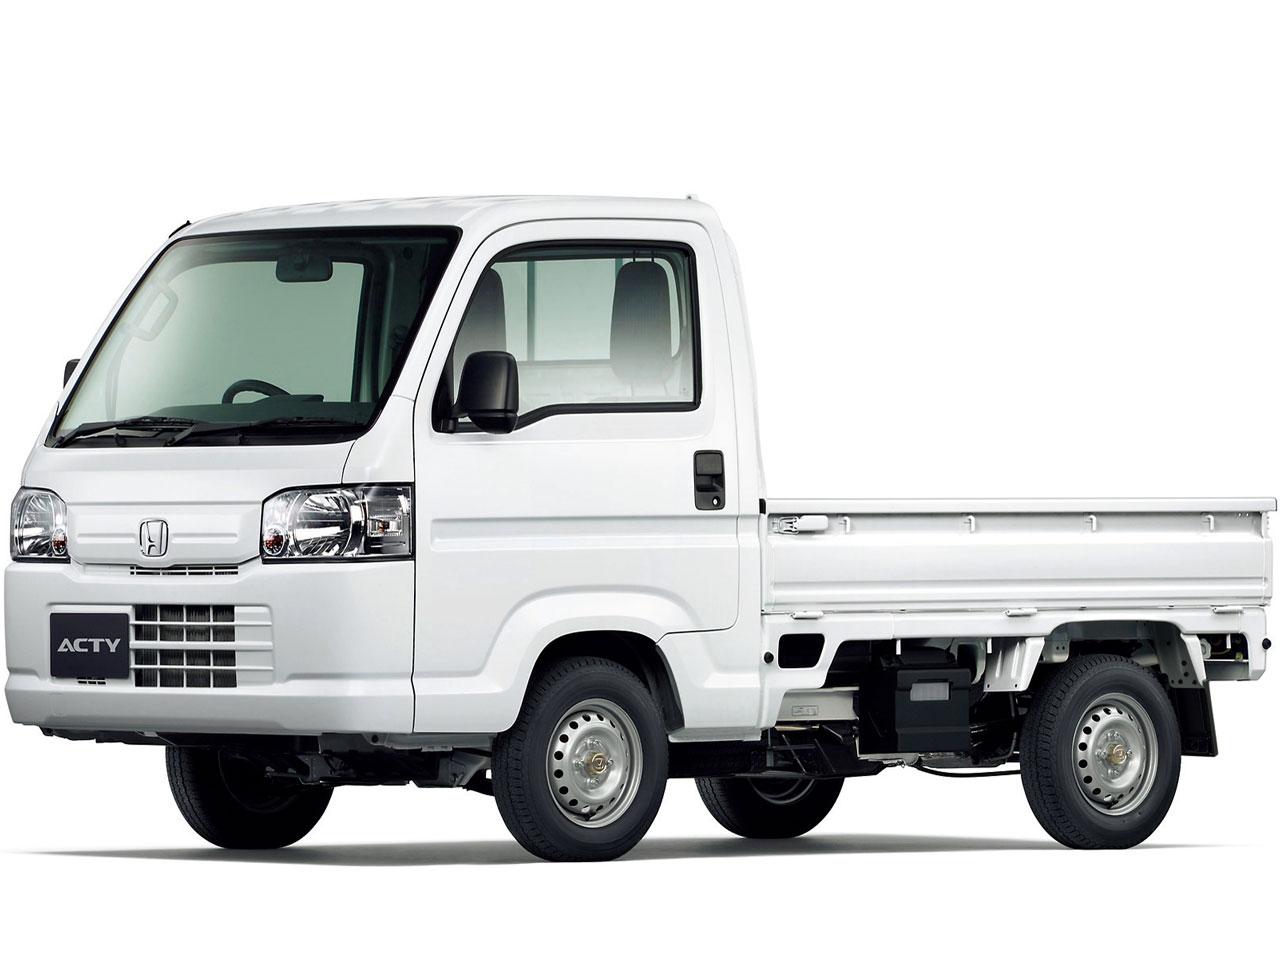 ホンダ アクティ トラック 2009年モデル 新車画像